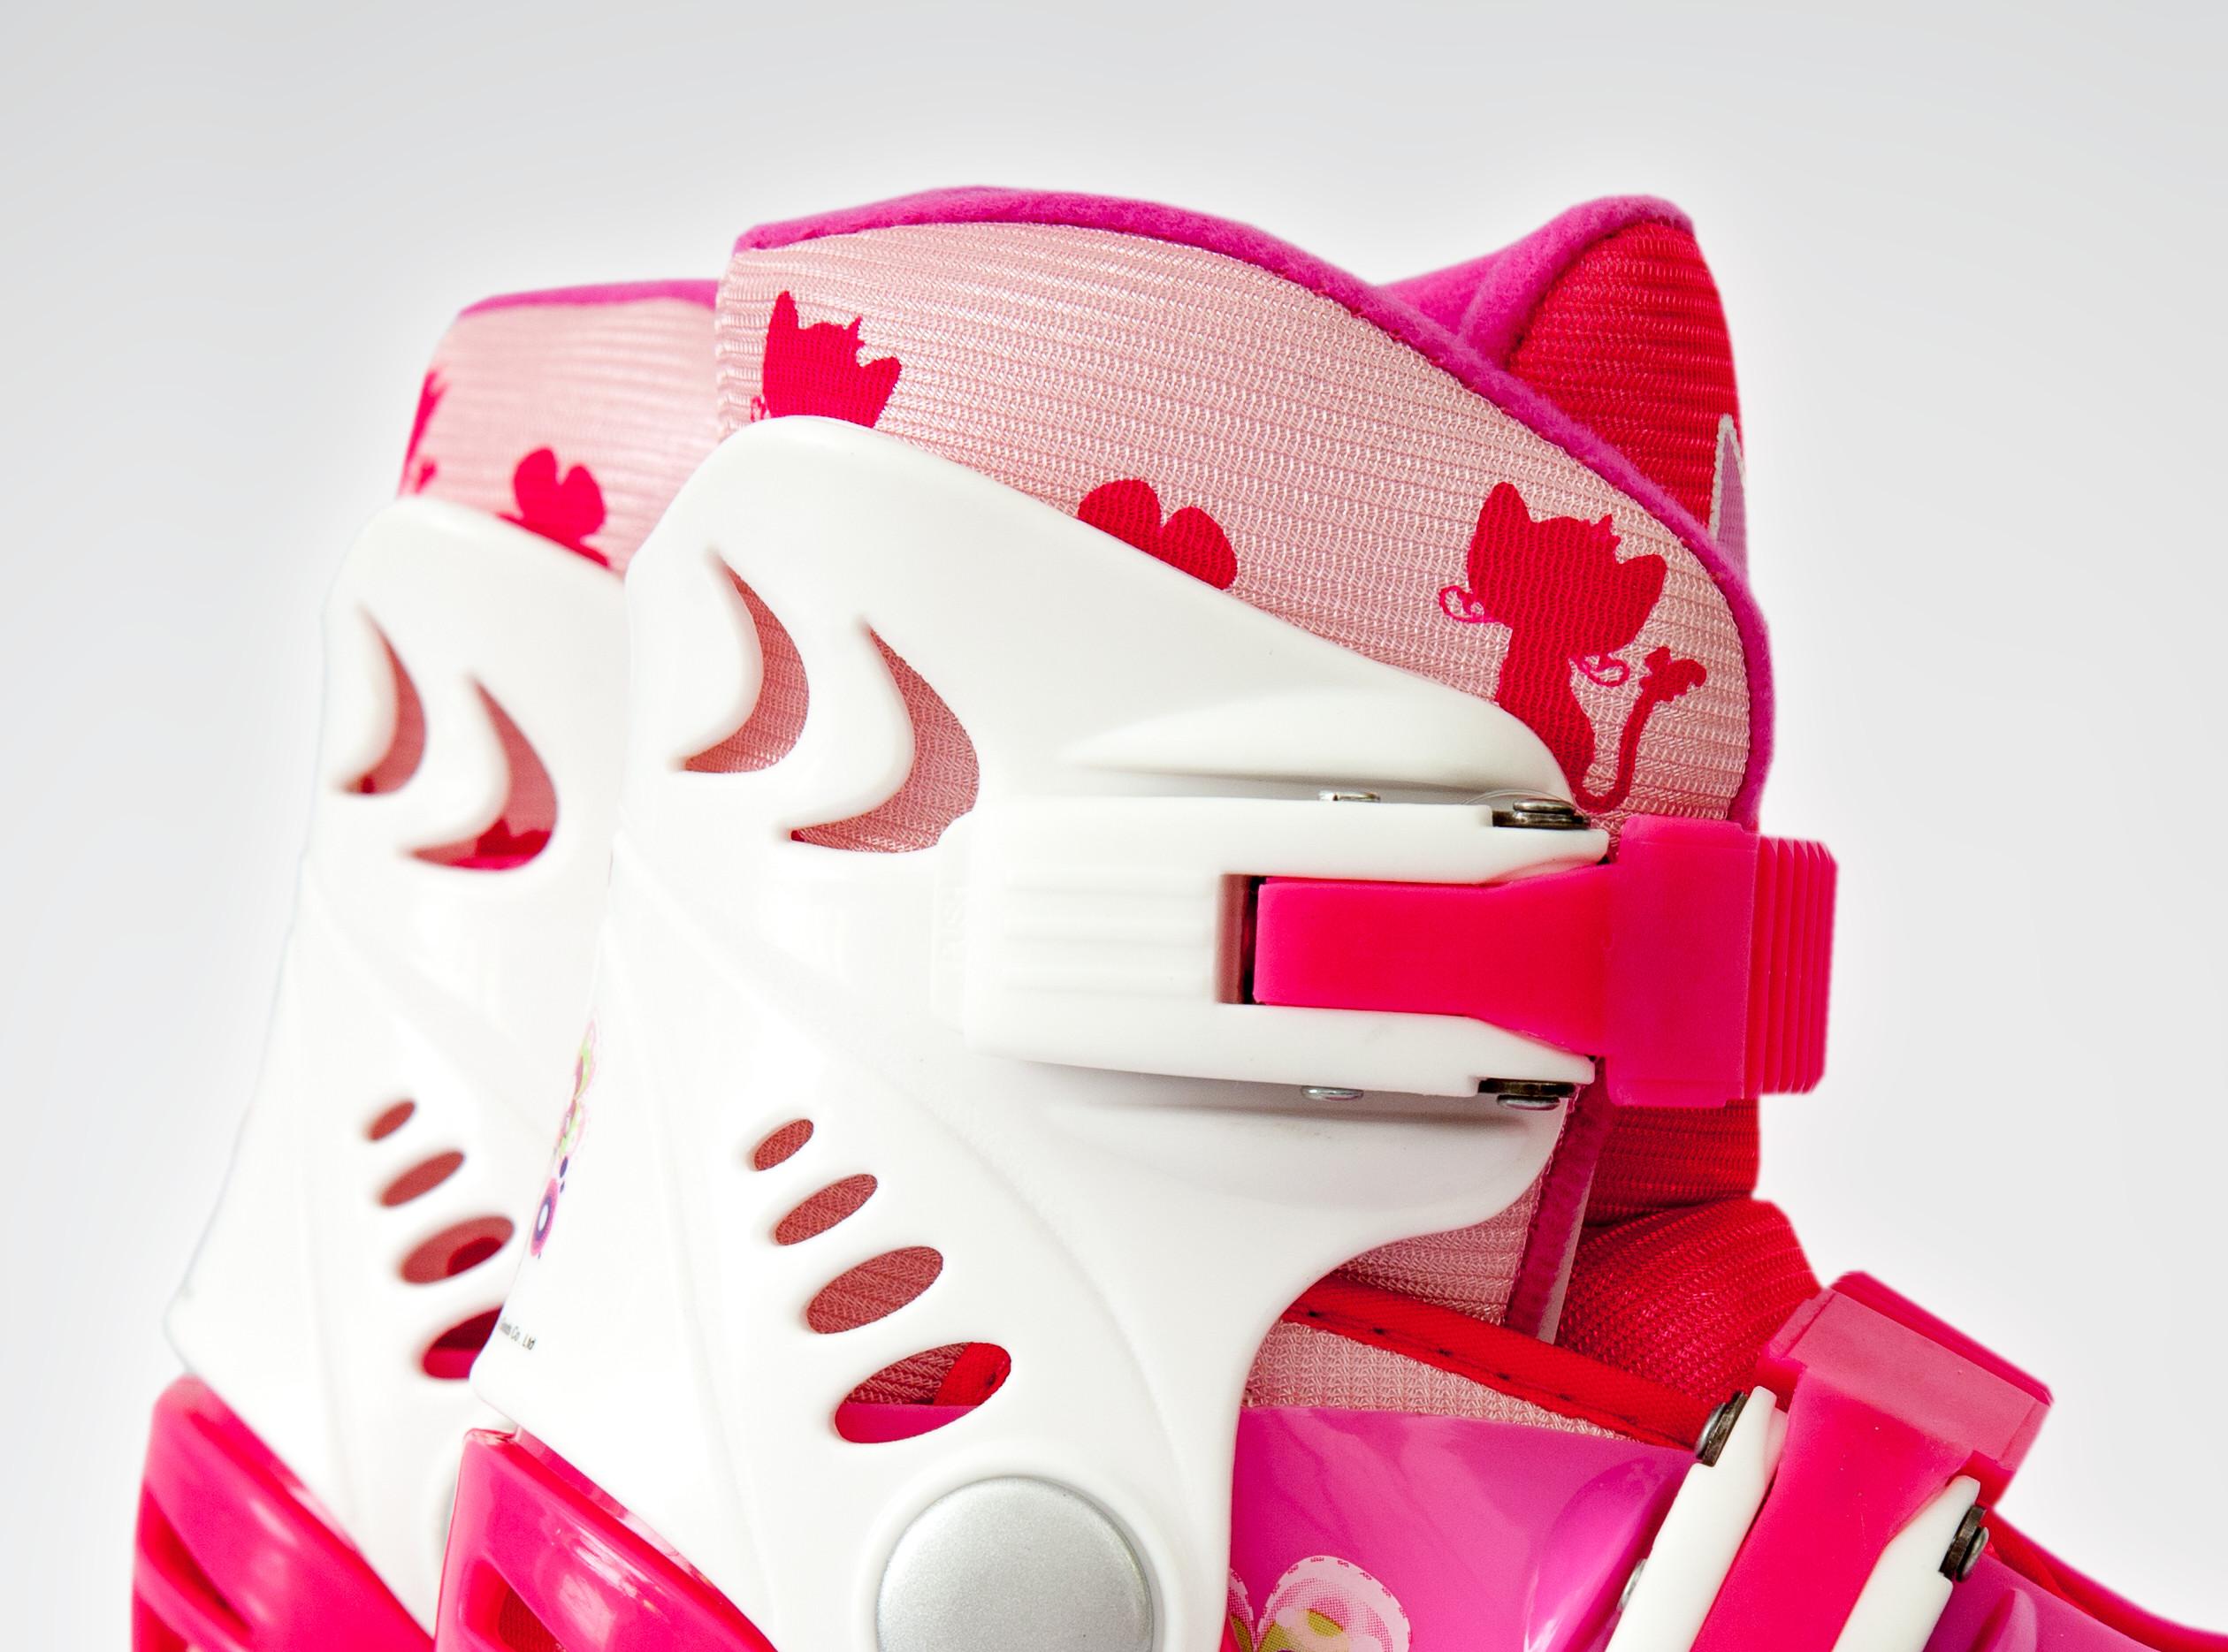 Ролики детские 26 размер, для обучения (трансформеры, раздвижной ботинок) MagicWheels розовые, - фото 3